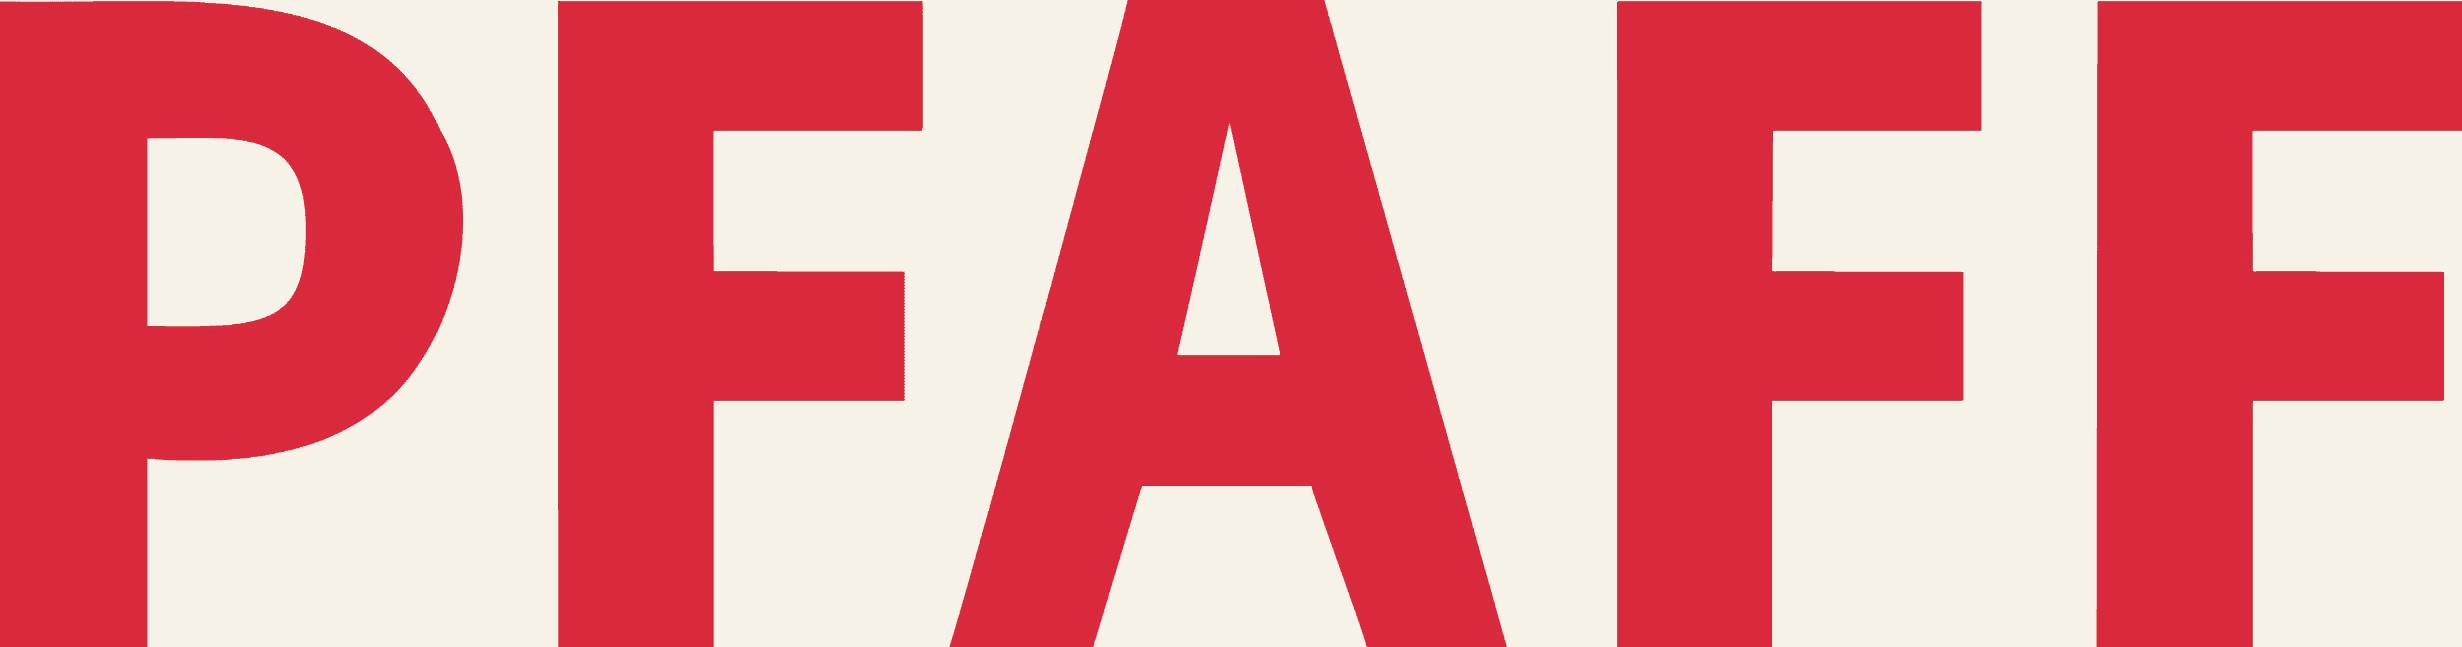 Pfaff_logo